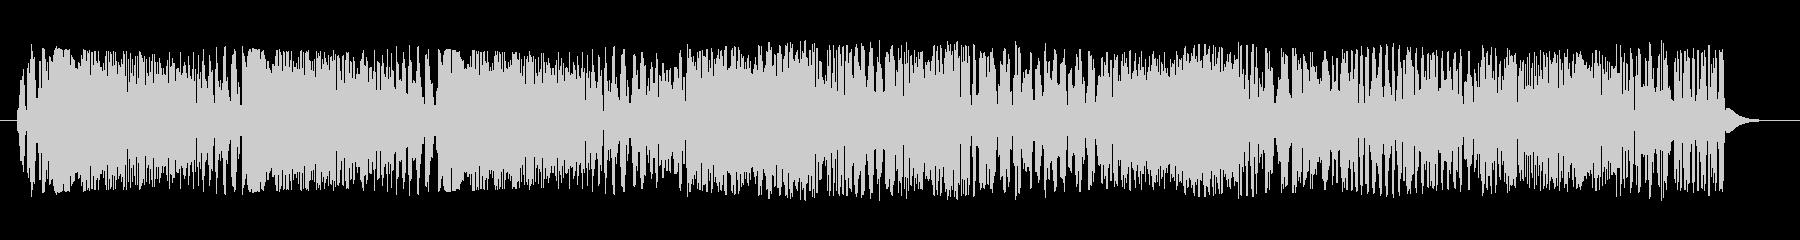 Electrozapperスワイプ1の未再生の波形